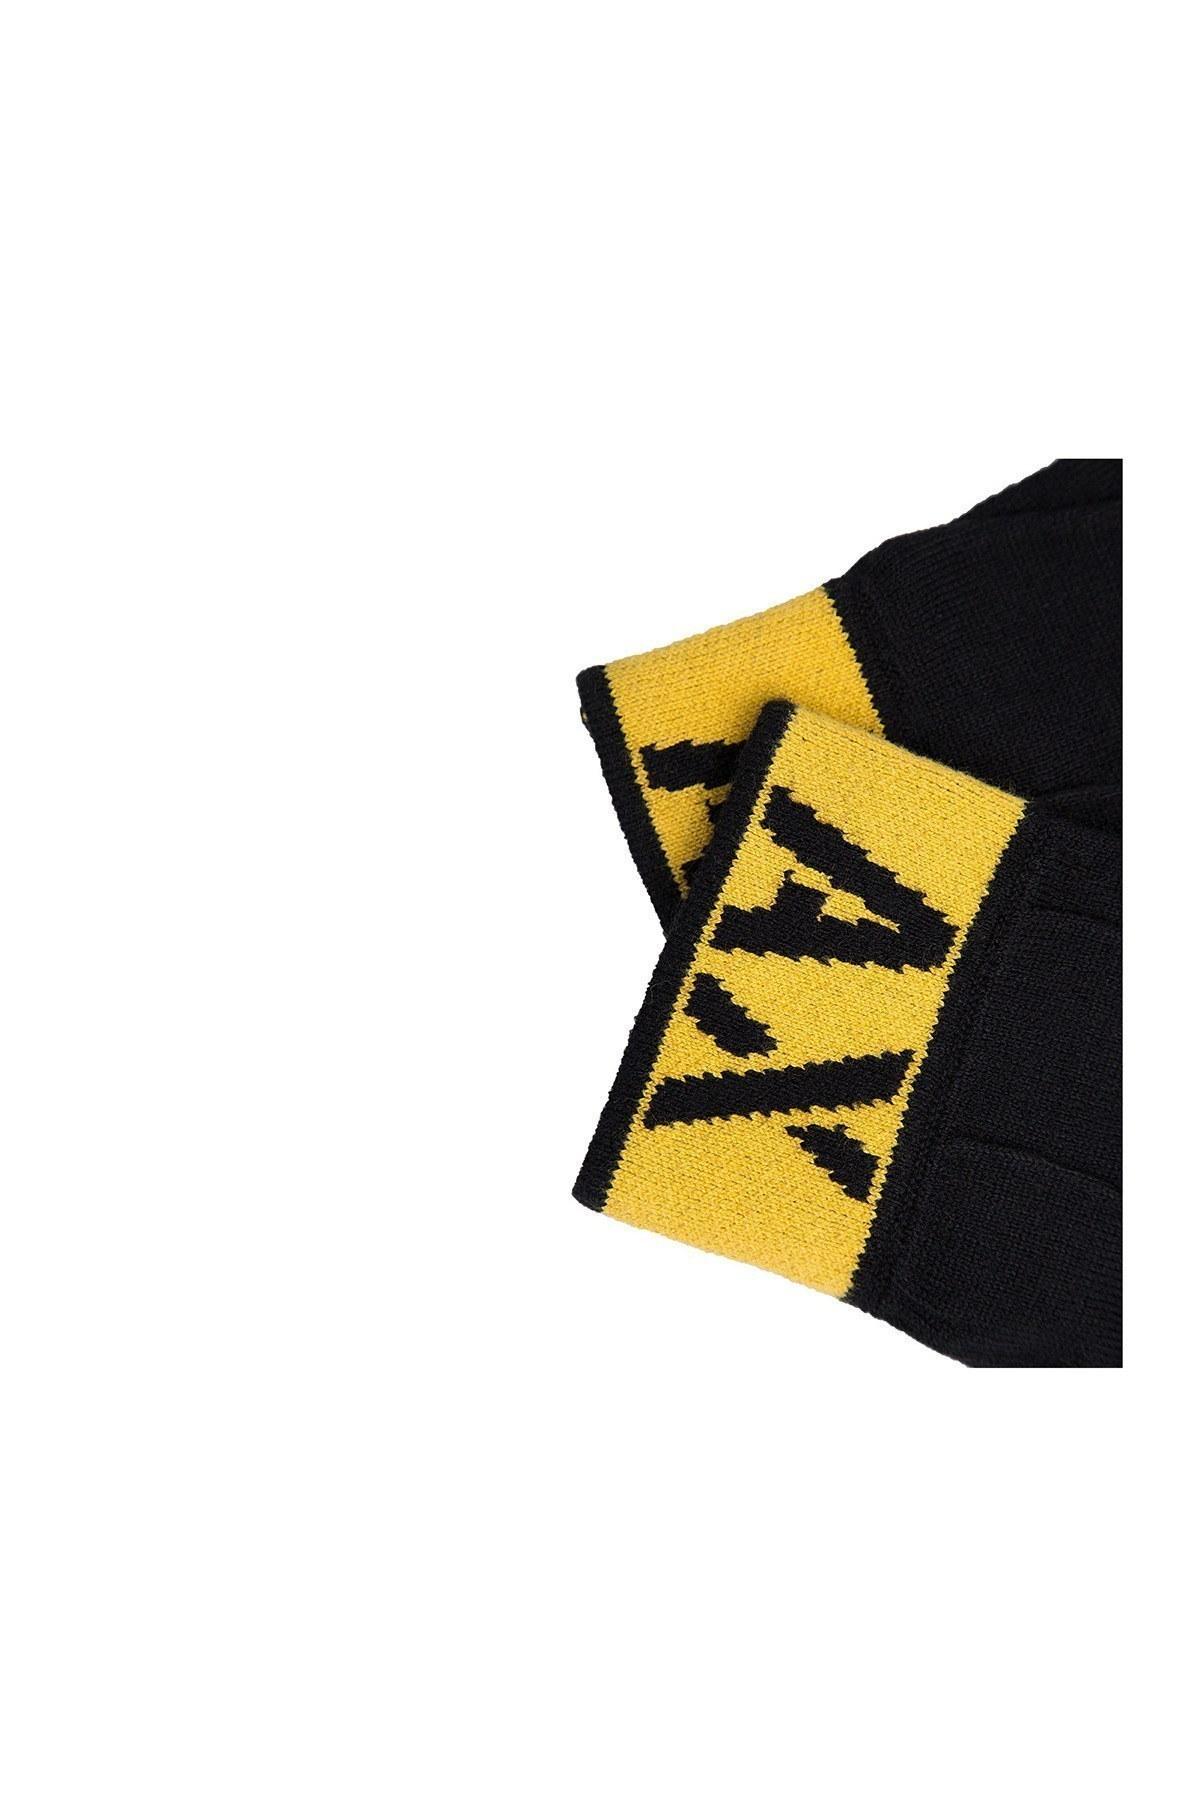 Armani Exchange Erkek Eldiven 6GZ42C ZMS1Z 5276 SİYAH